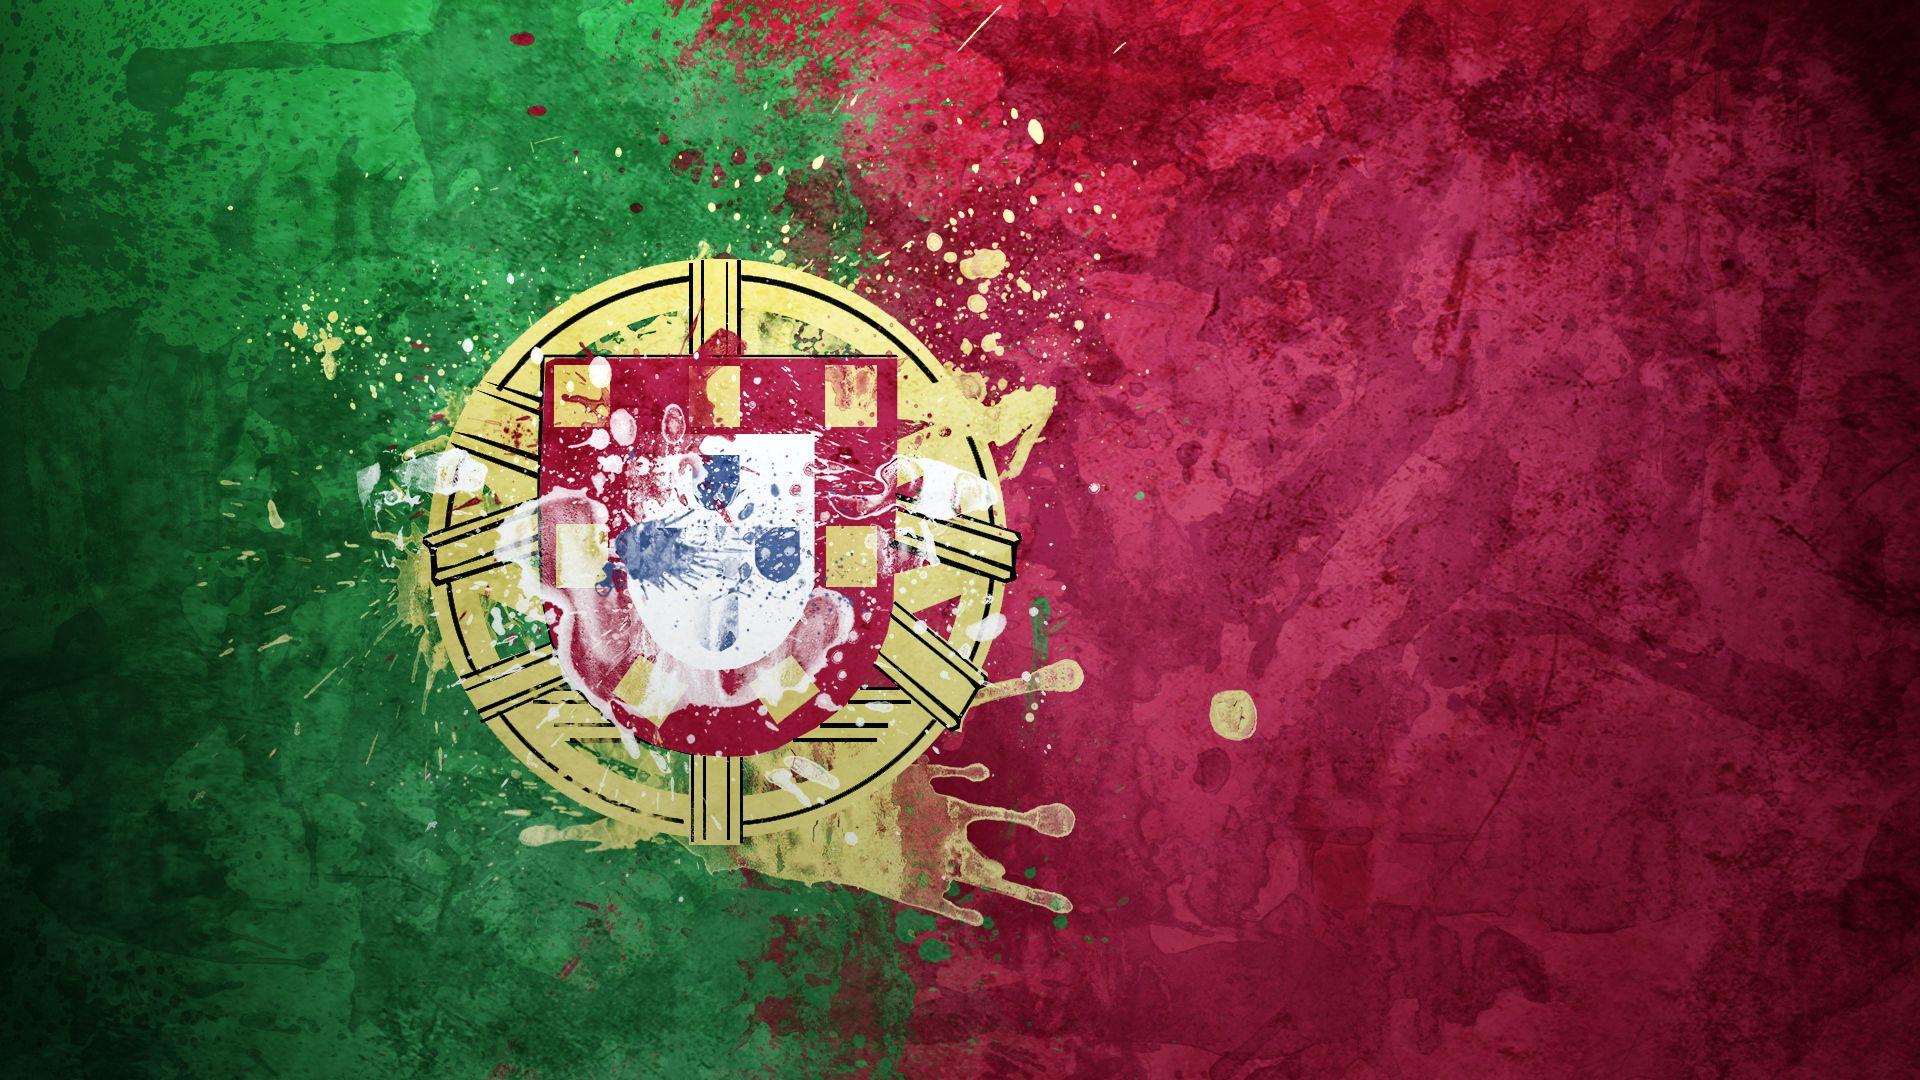 136773 Hintergrundbild herunterladen Hintergrund, Wappen, Textur, Texturen, Flagge, Flag, Portugal, Symbolismus, Symbolik, Republik - Bildschirmschoner und Bilder kostenlos